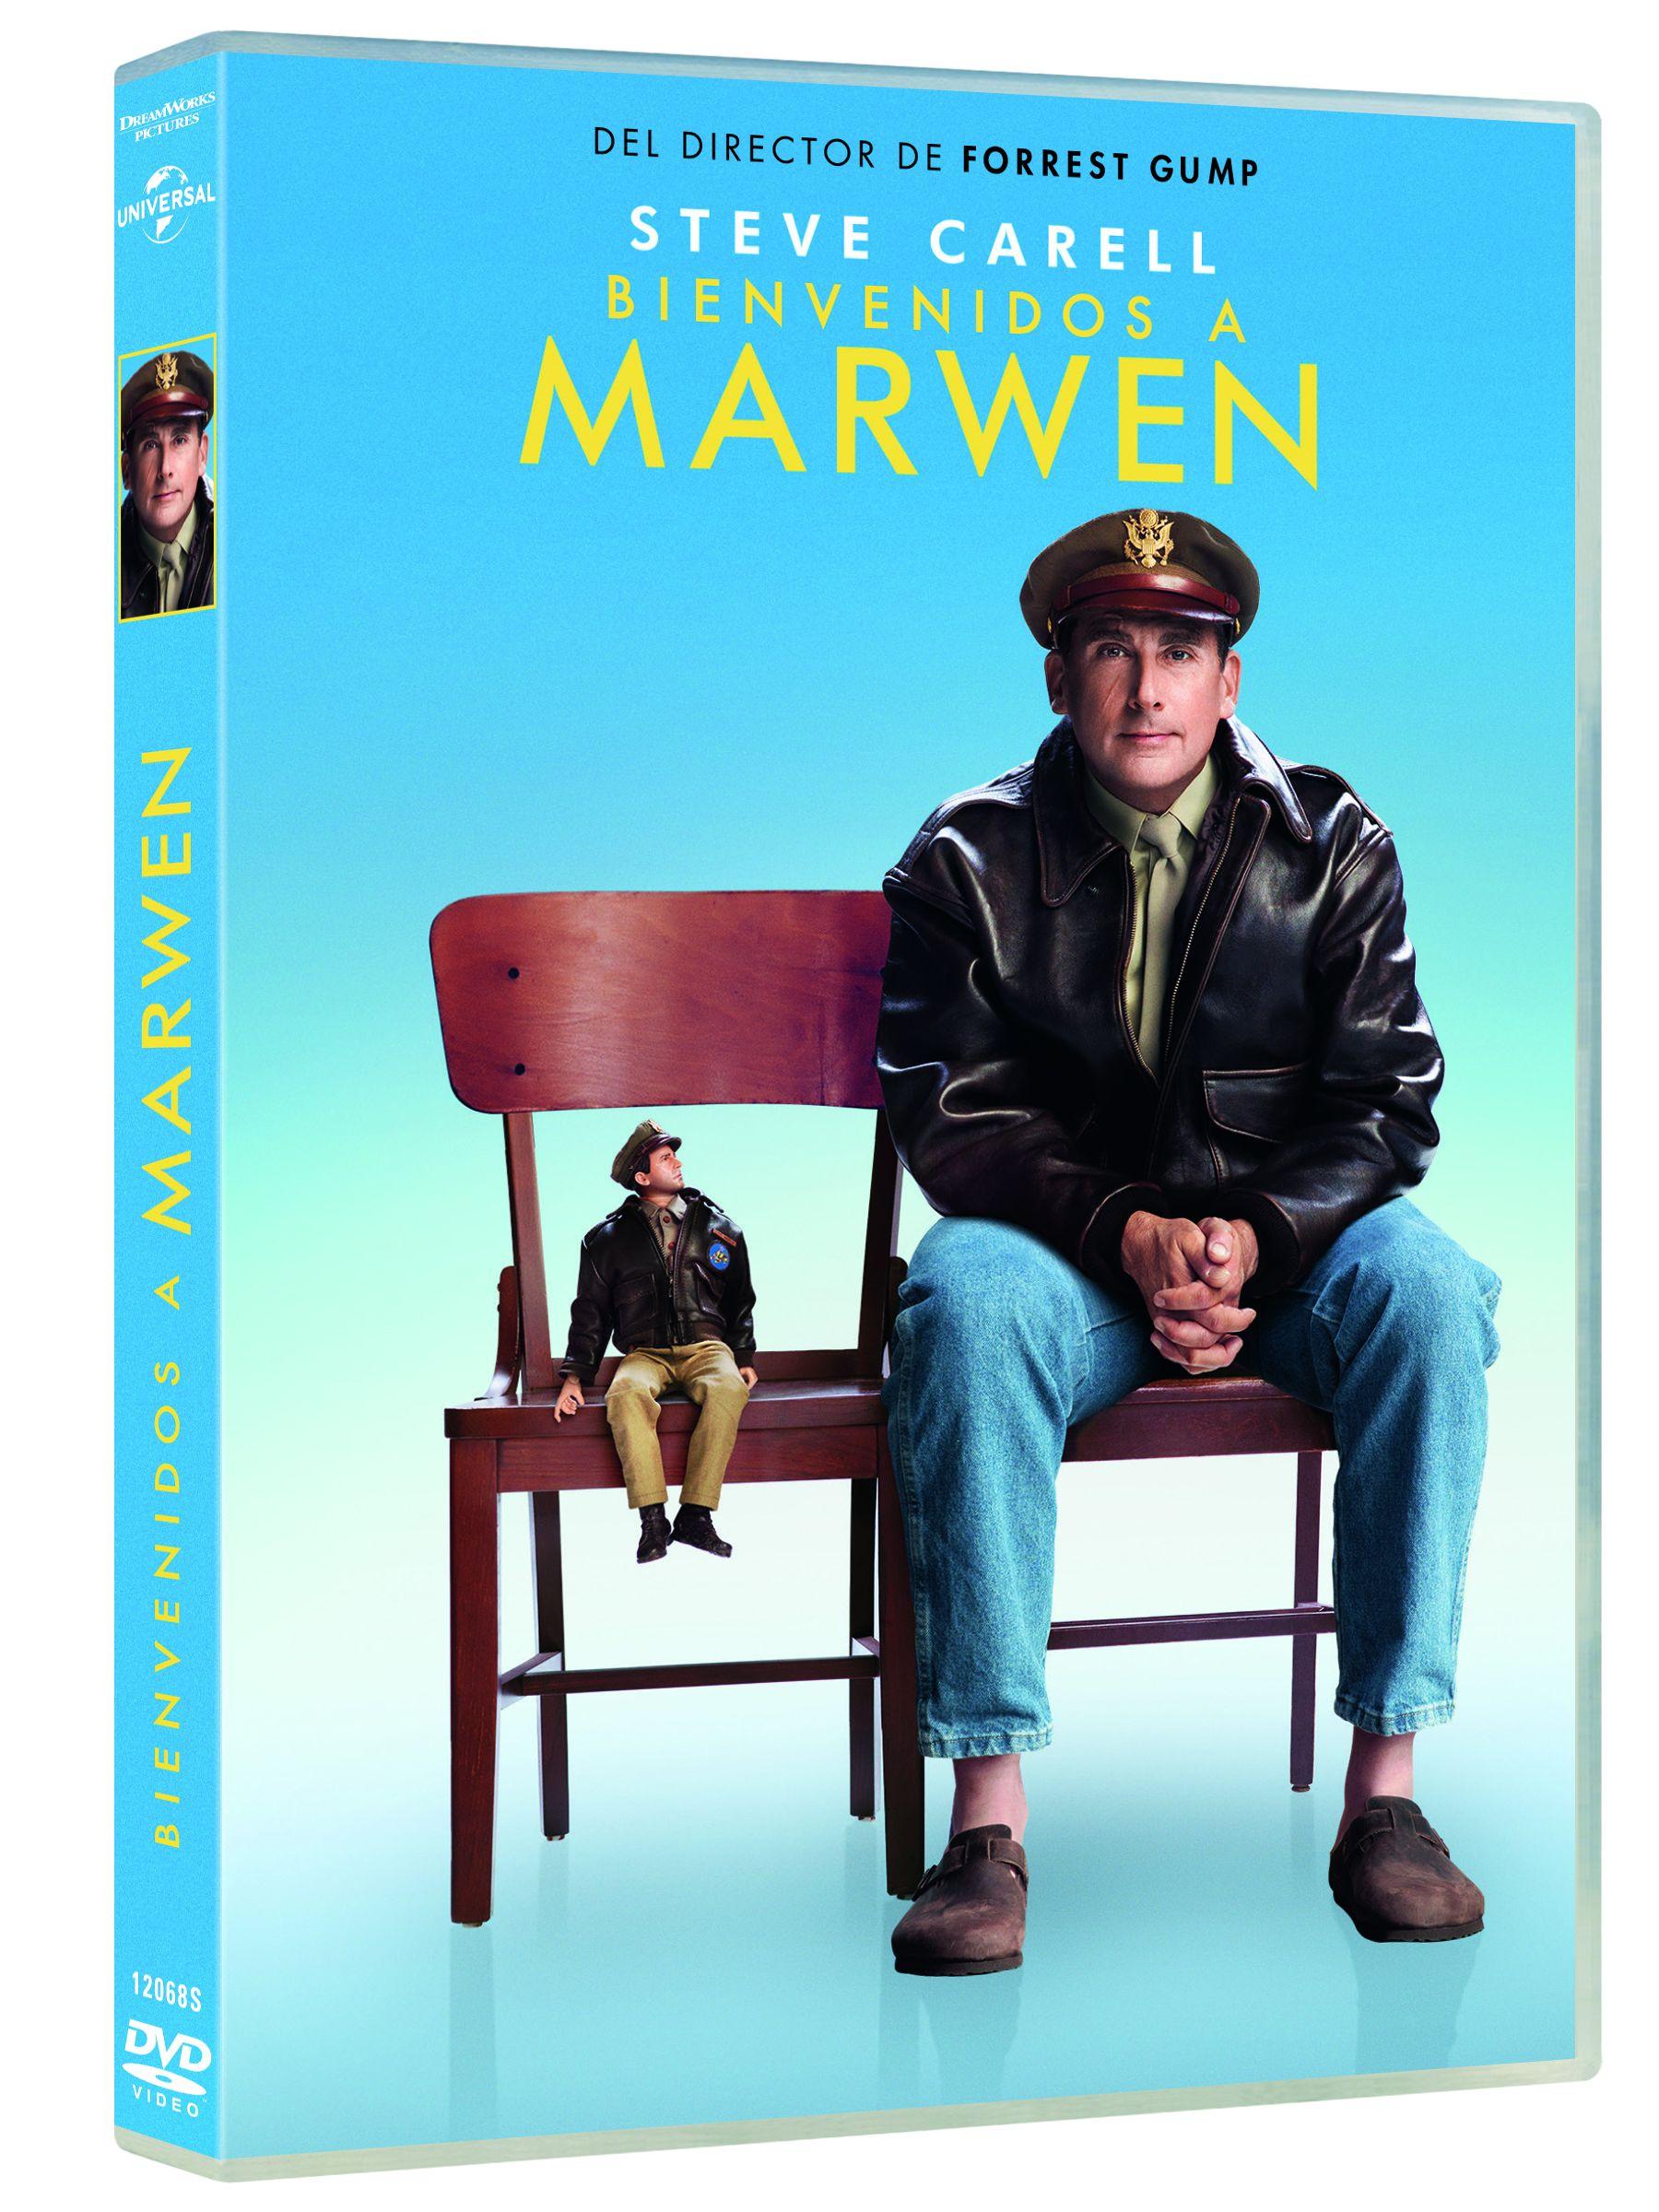 bienvenidos a marwen - dvd --8414533120685